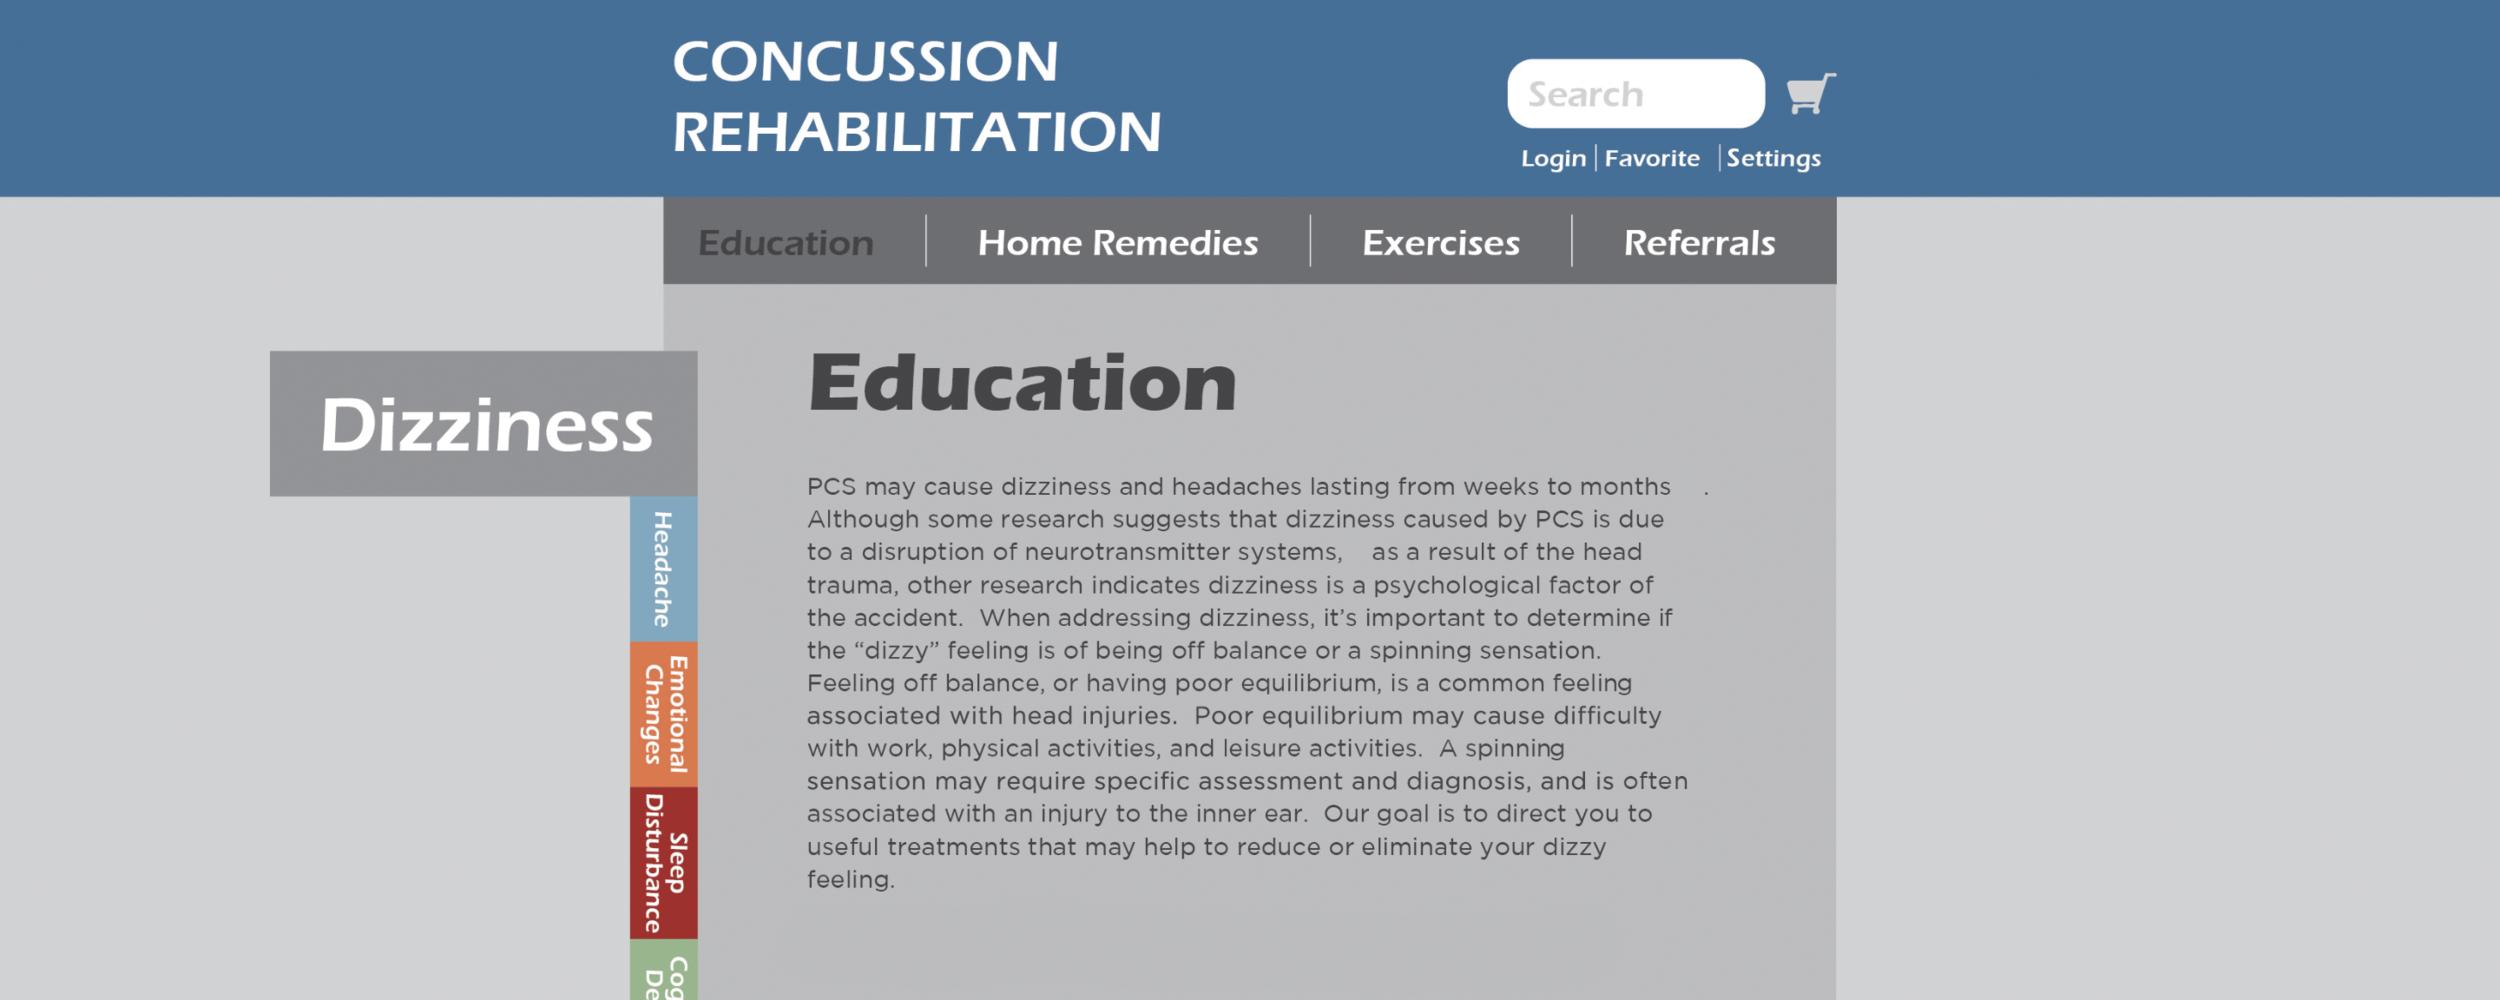 concussion thumbnail3.png